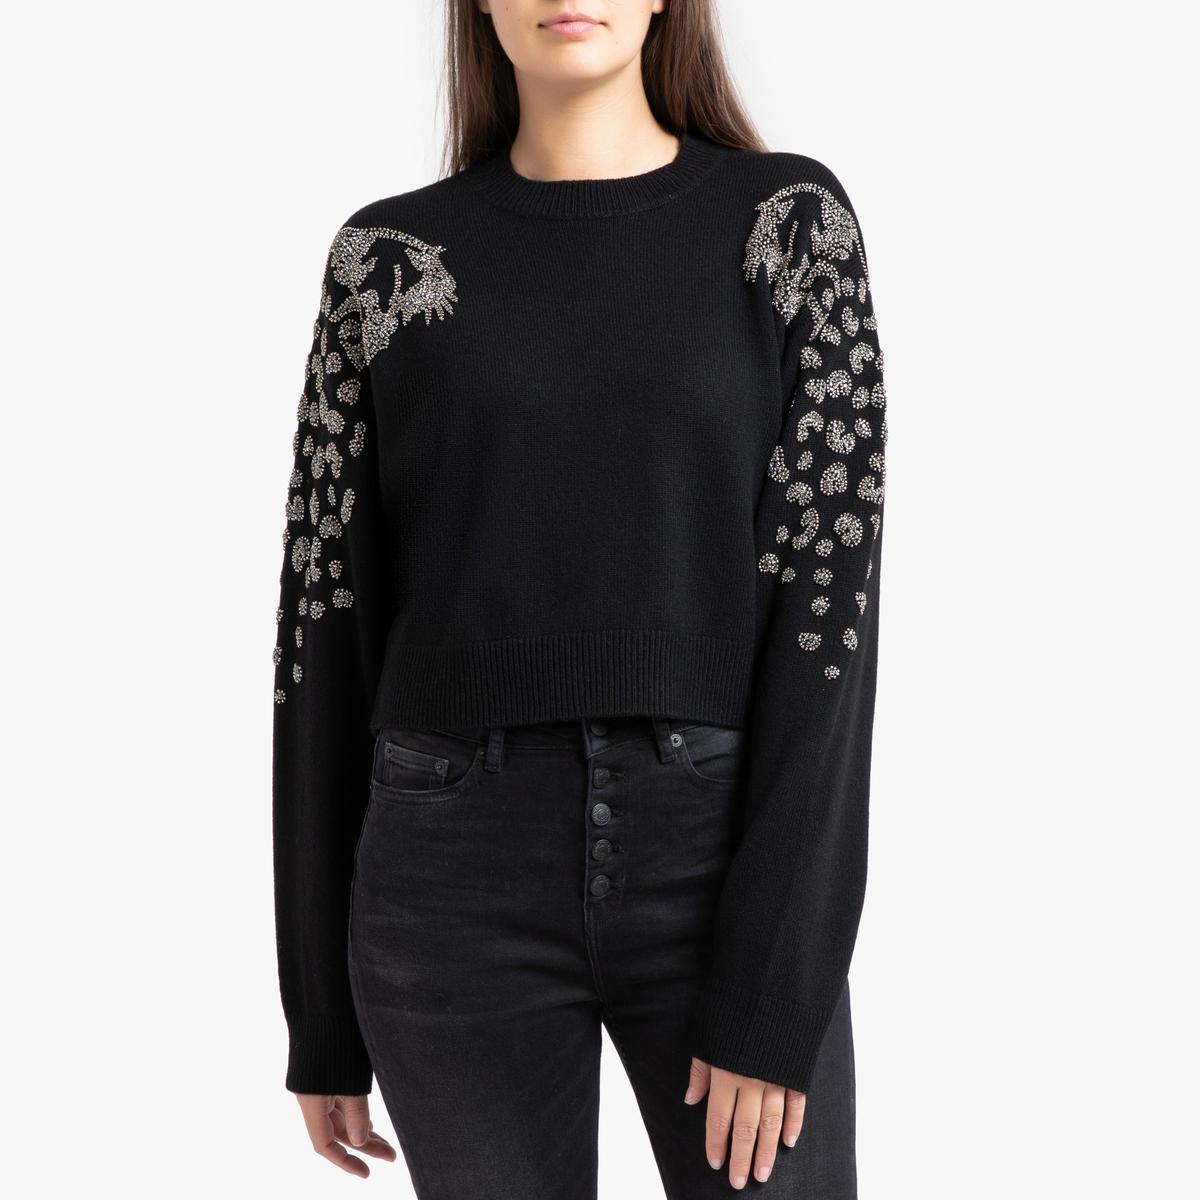 Пуловер La Redoute С круглым вырезом из трикотажа со стразами на плечах 2(M) черный ic men коричневый пуловер из кашемира